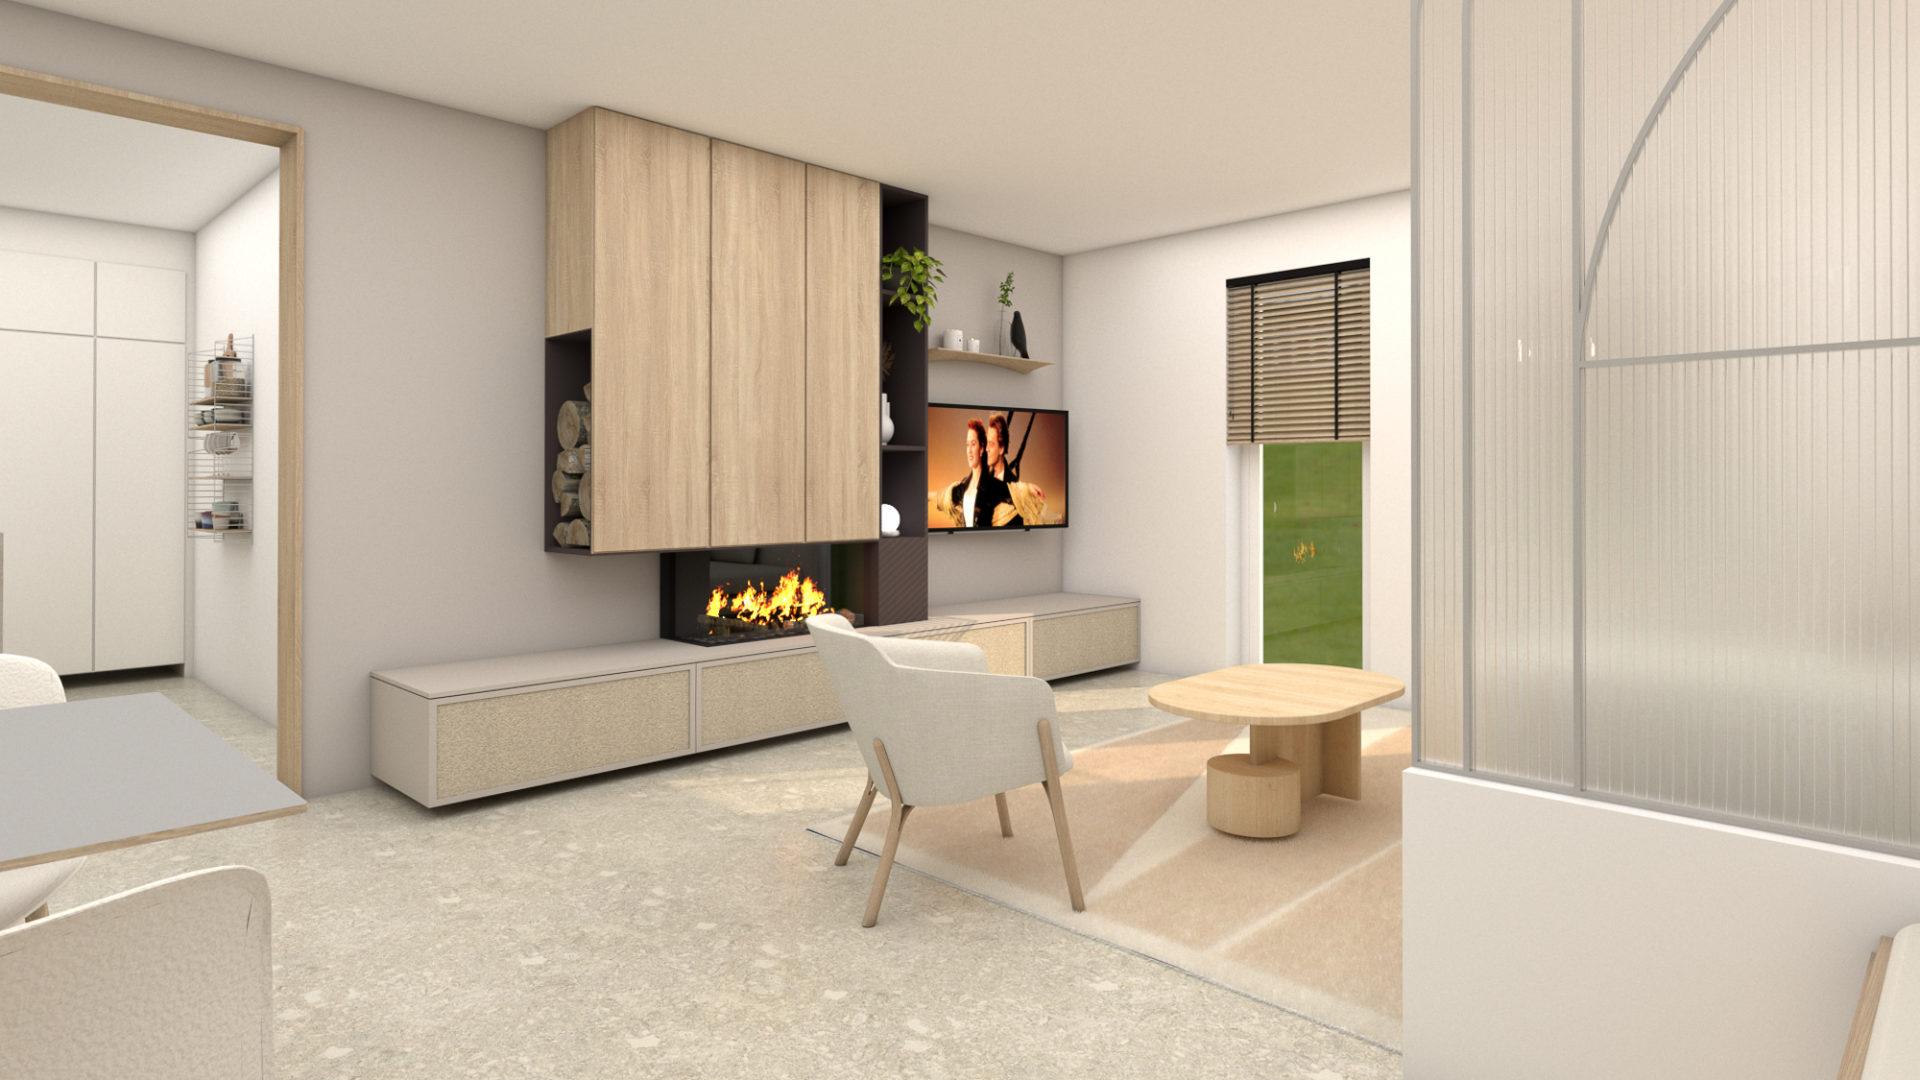 Maison Aubel - renu meuble TV insert